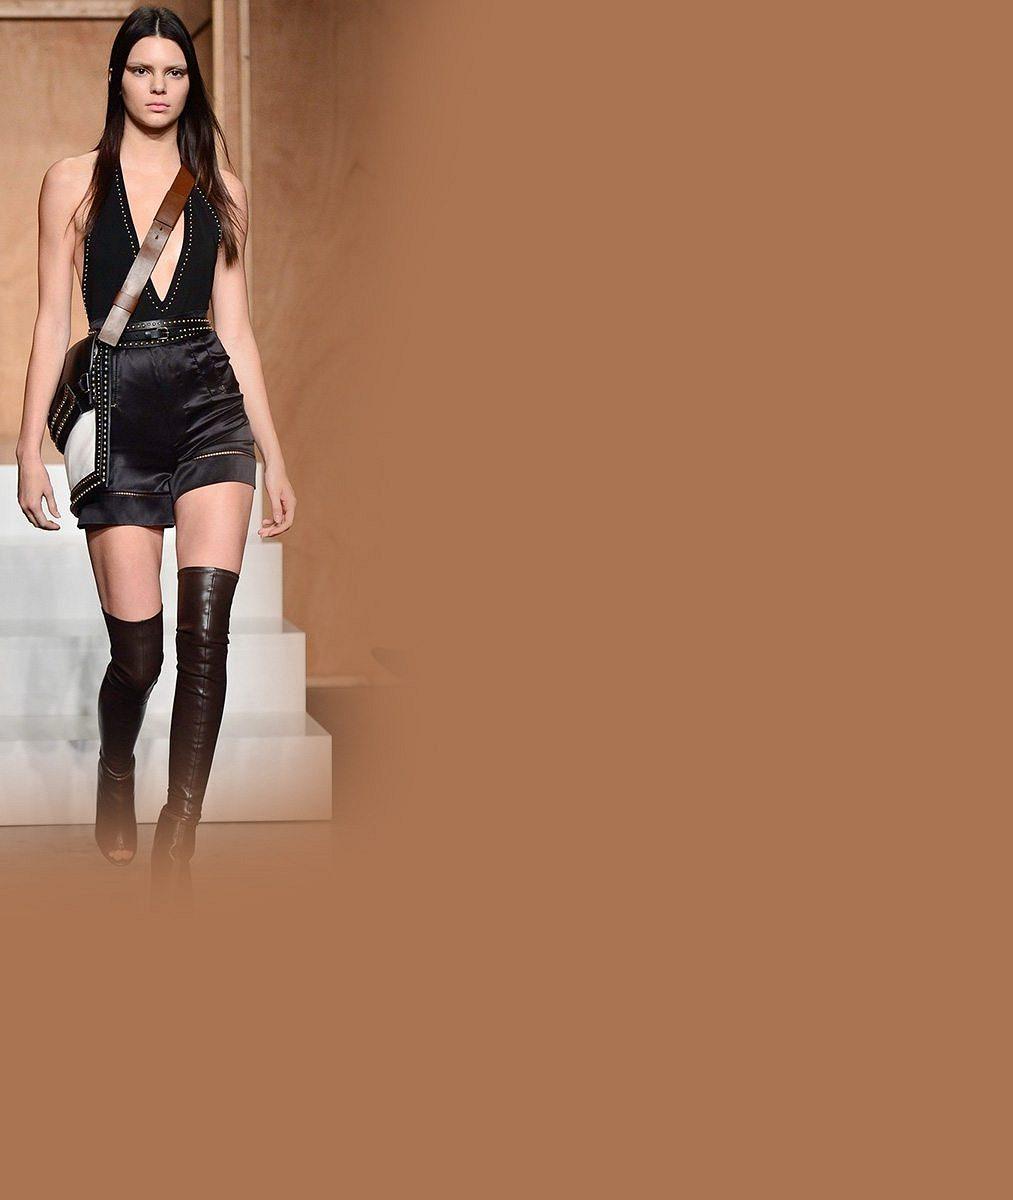 Podívejte, v jak nahatých modelech už šla přehlídku 'malá sestřička' Kim Kardashian